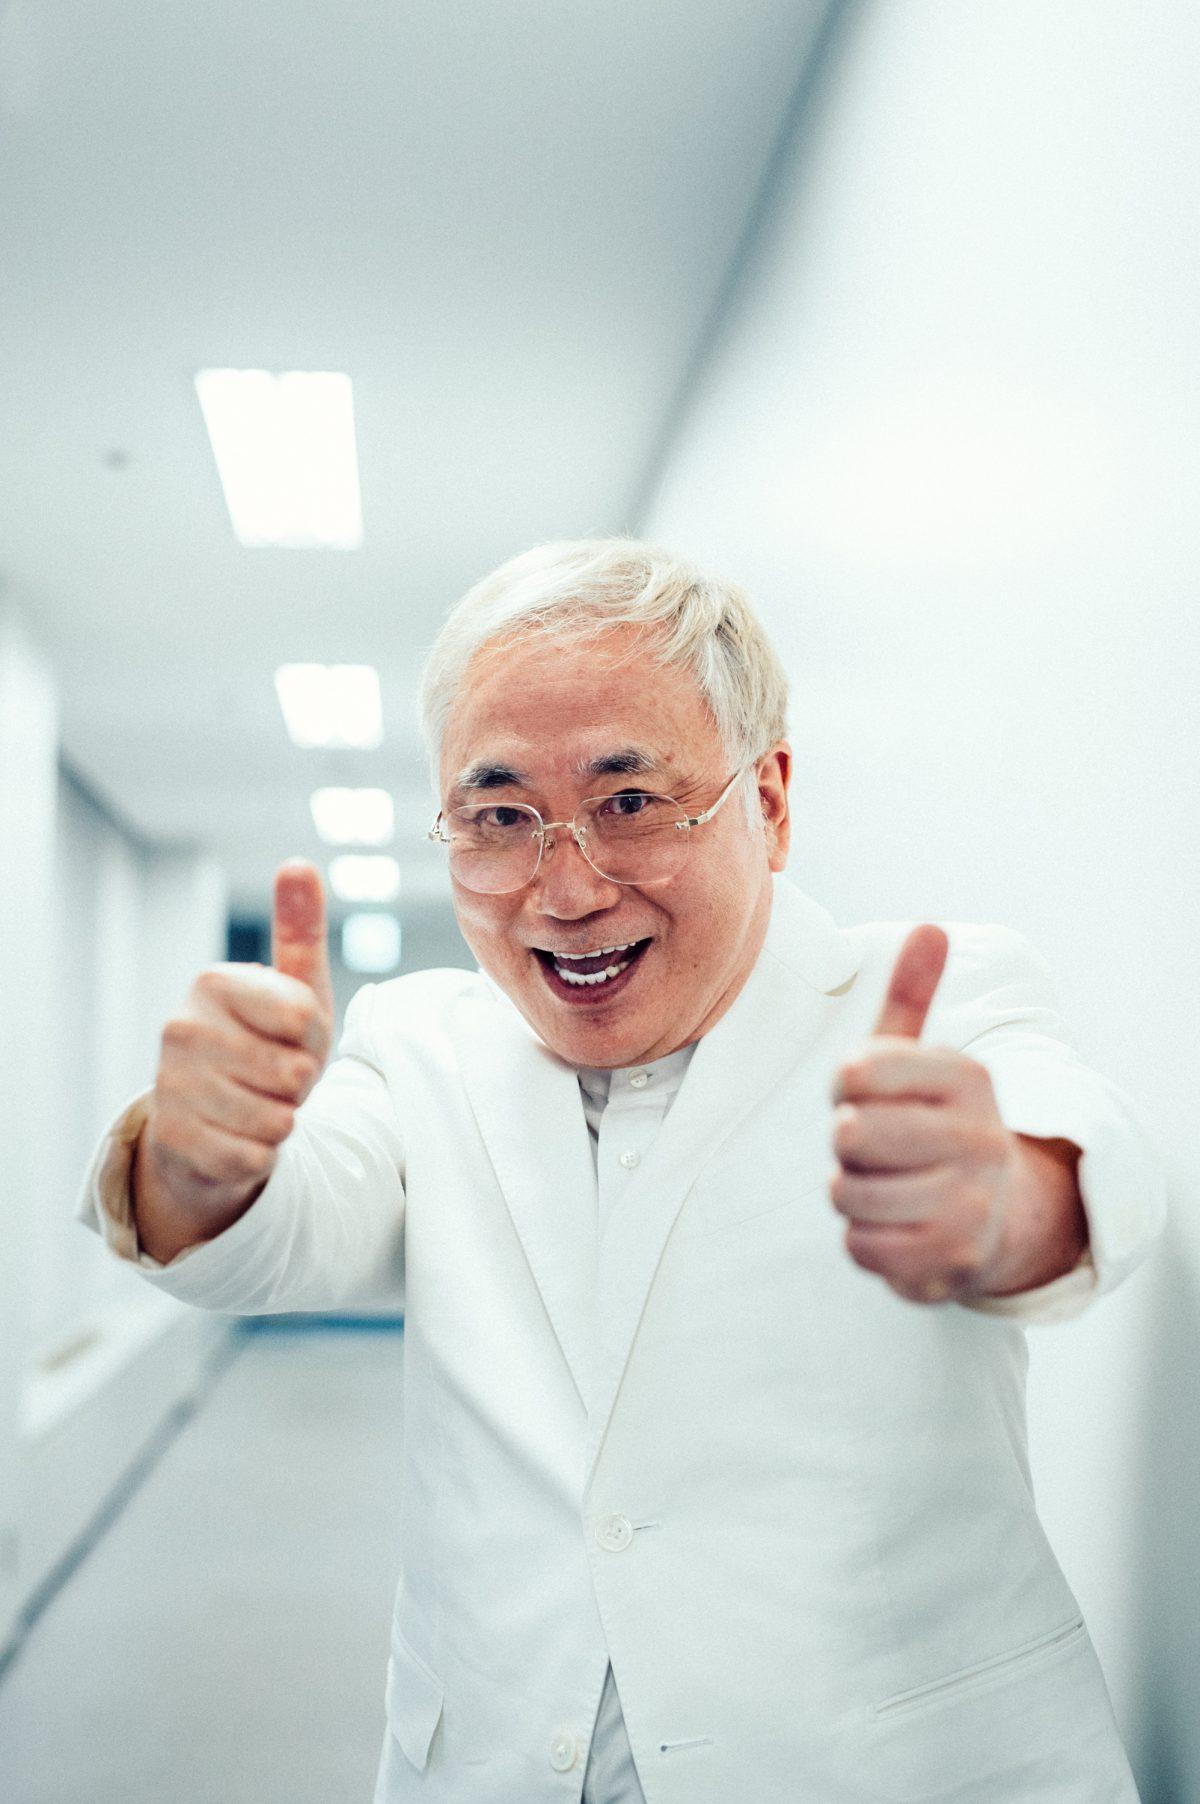 高須克弥,Yes,高須クリニック,炎上,人生100年時代,生き方,Twitter